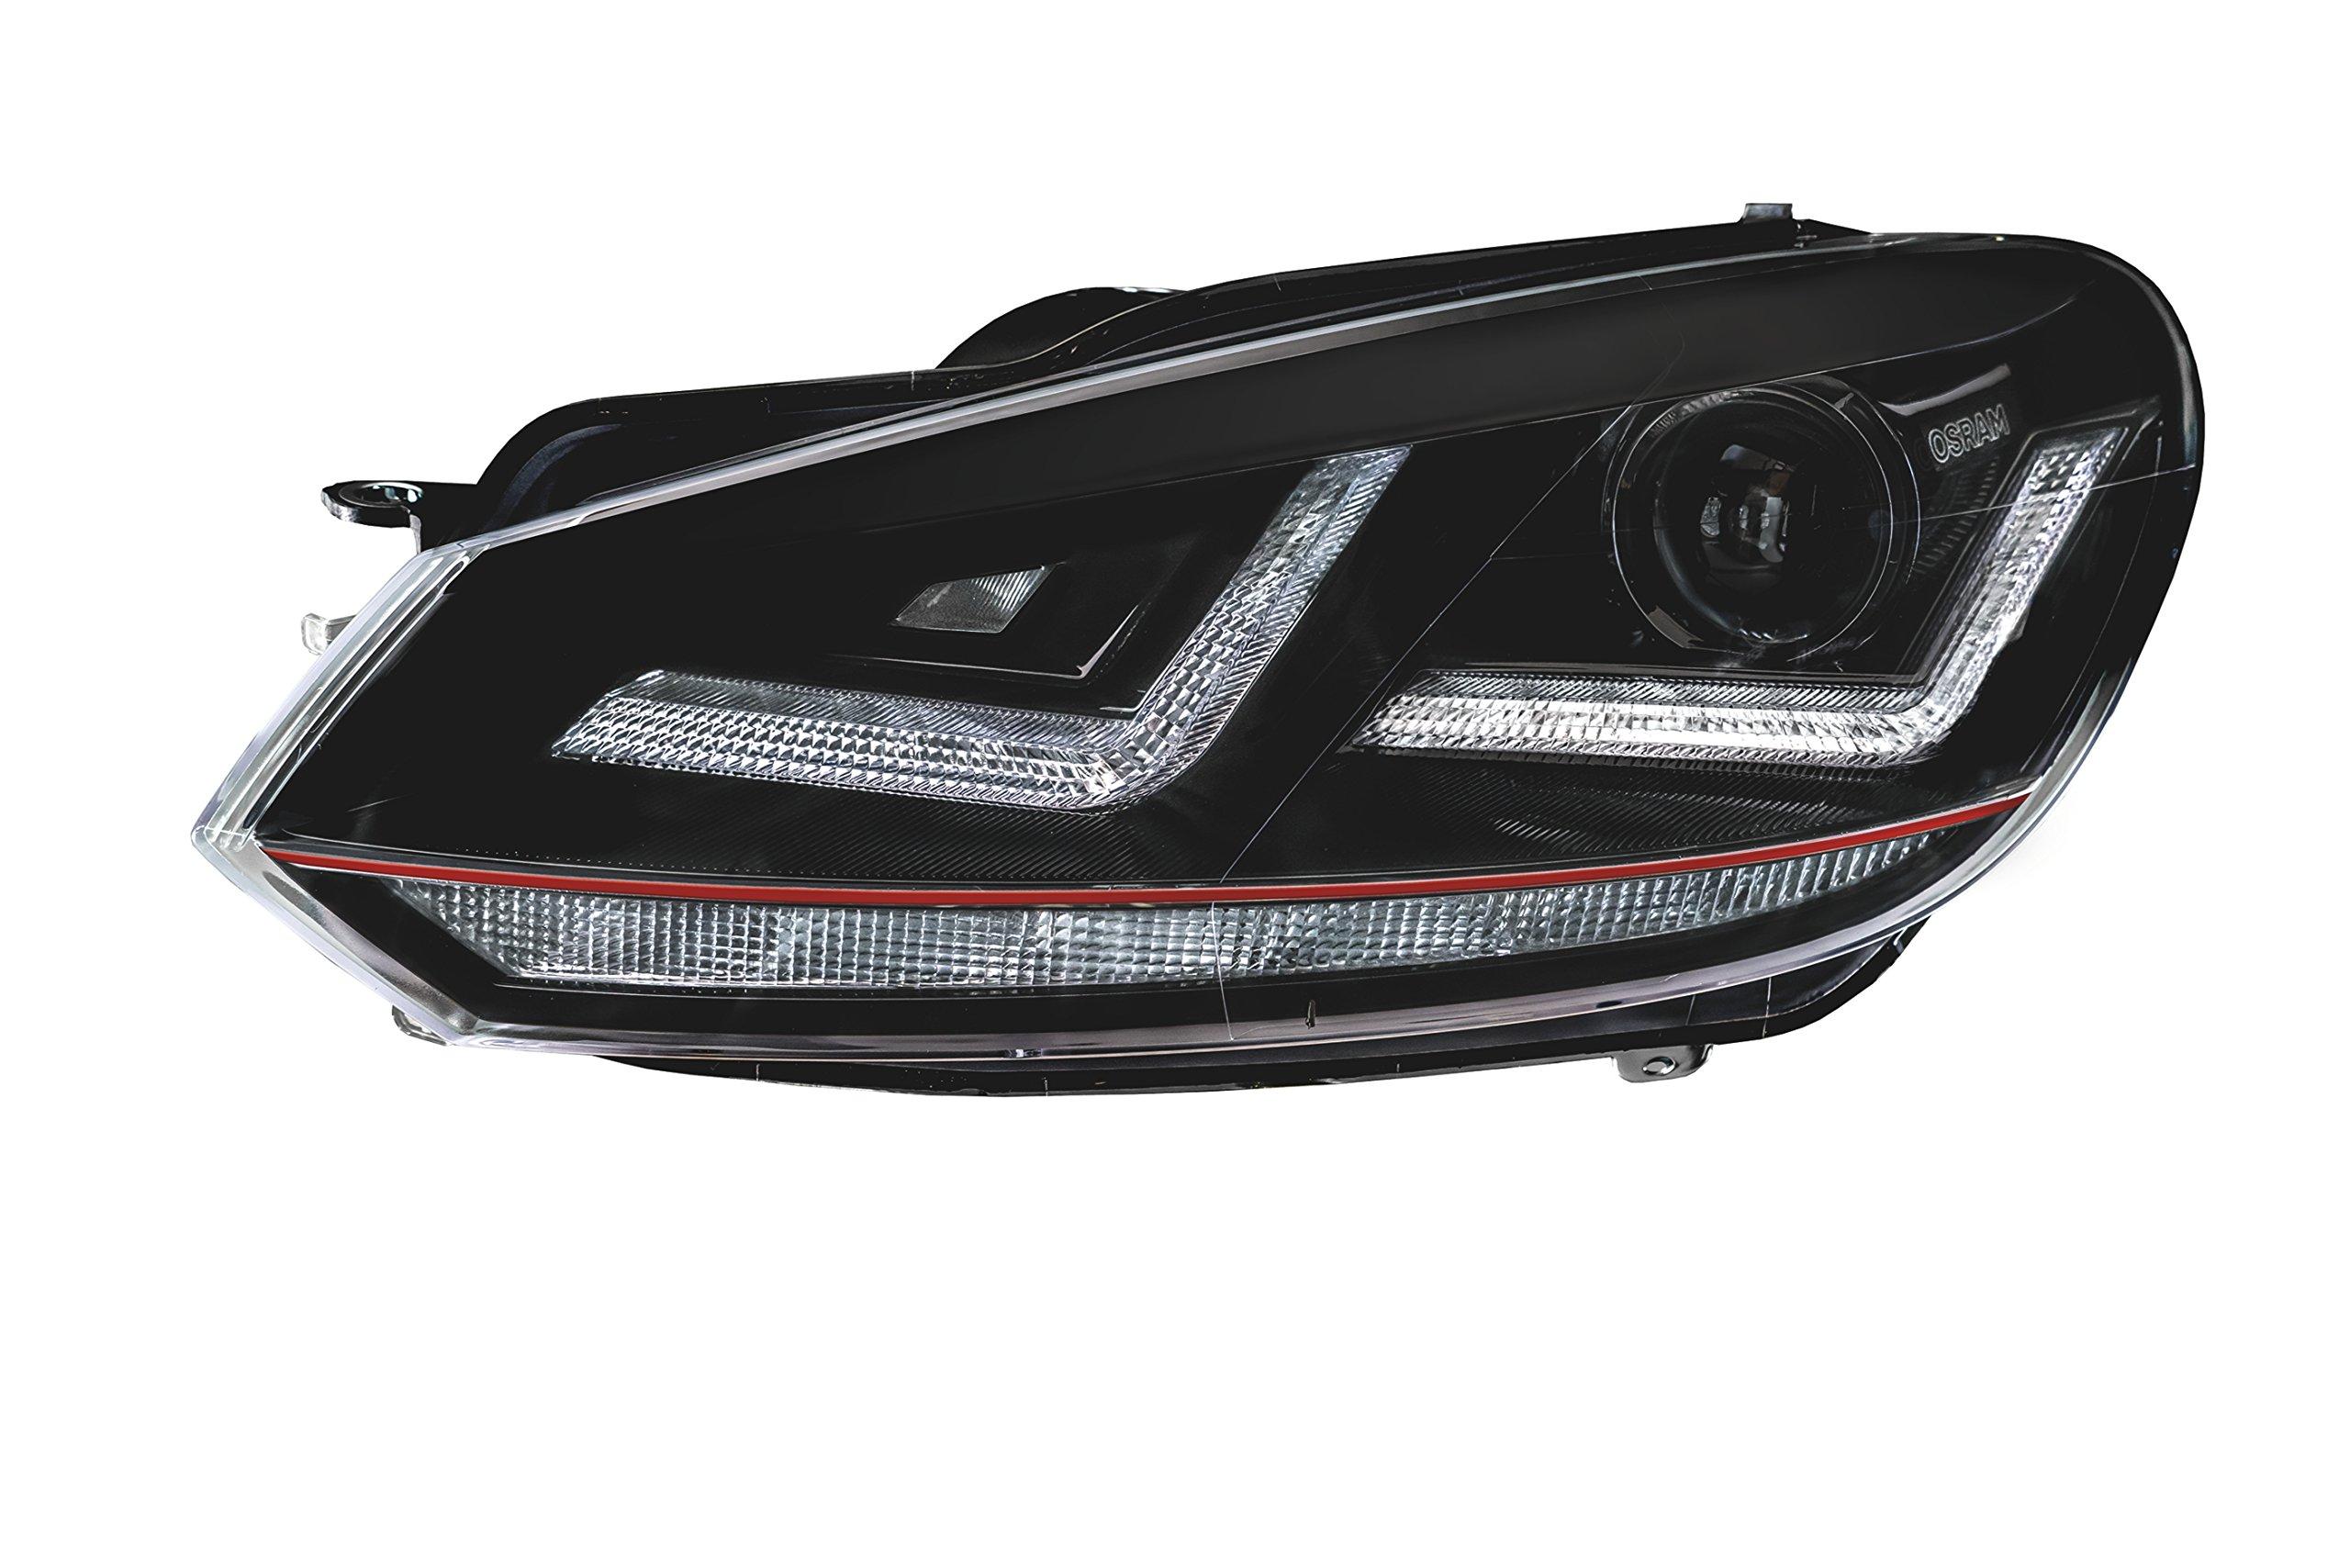 OSRAM LEDriving XENARC Golf VI GTI, LED, EURO Headlight, LEDHL102-GTI, 12V, 1 Set, LHD, Set of 2